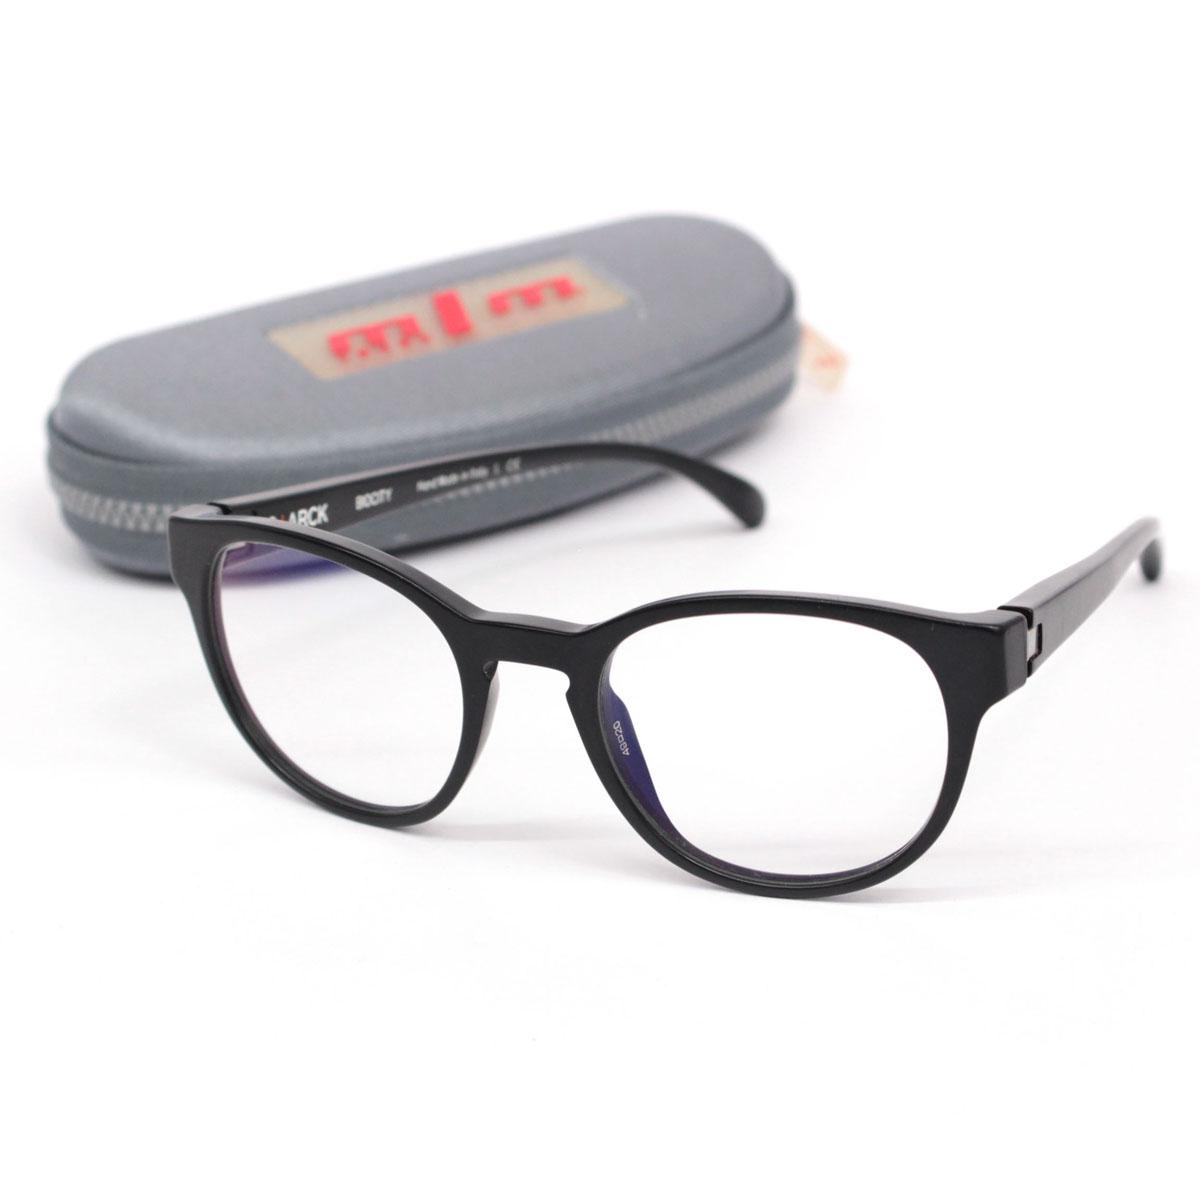 【中古】☆alain mikli アランミクリ S+ARCK BIOCITY SH3009-0002 49mm 眼鏡 バネ蝶番☆  black /黒/ブラック/メガネ/26041-RH0419